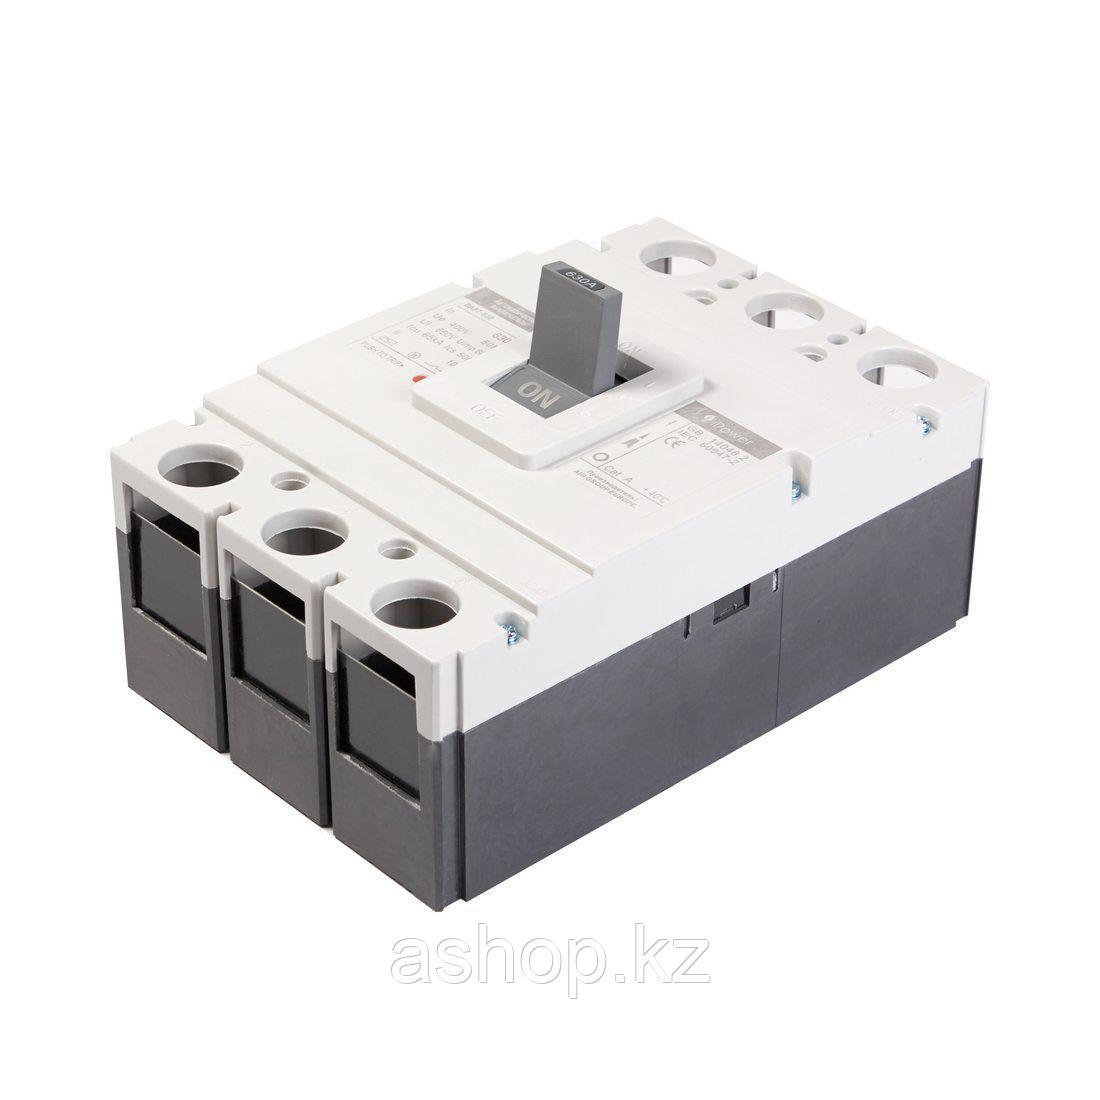 Автоматический выключатель установочный iPower ВА57-630 3P 500А, 380/660 В, Кол-во полюсов: 3, Предел отключен